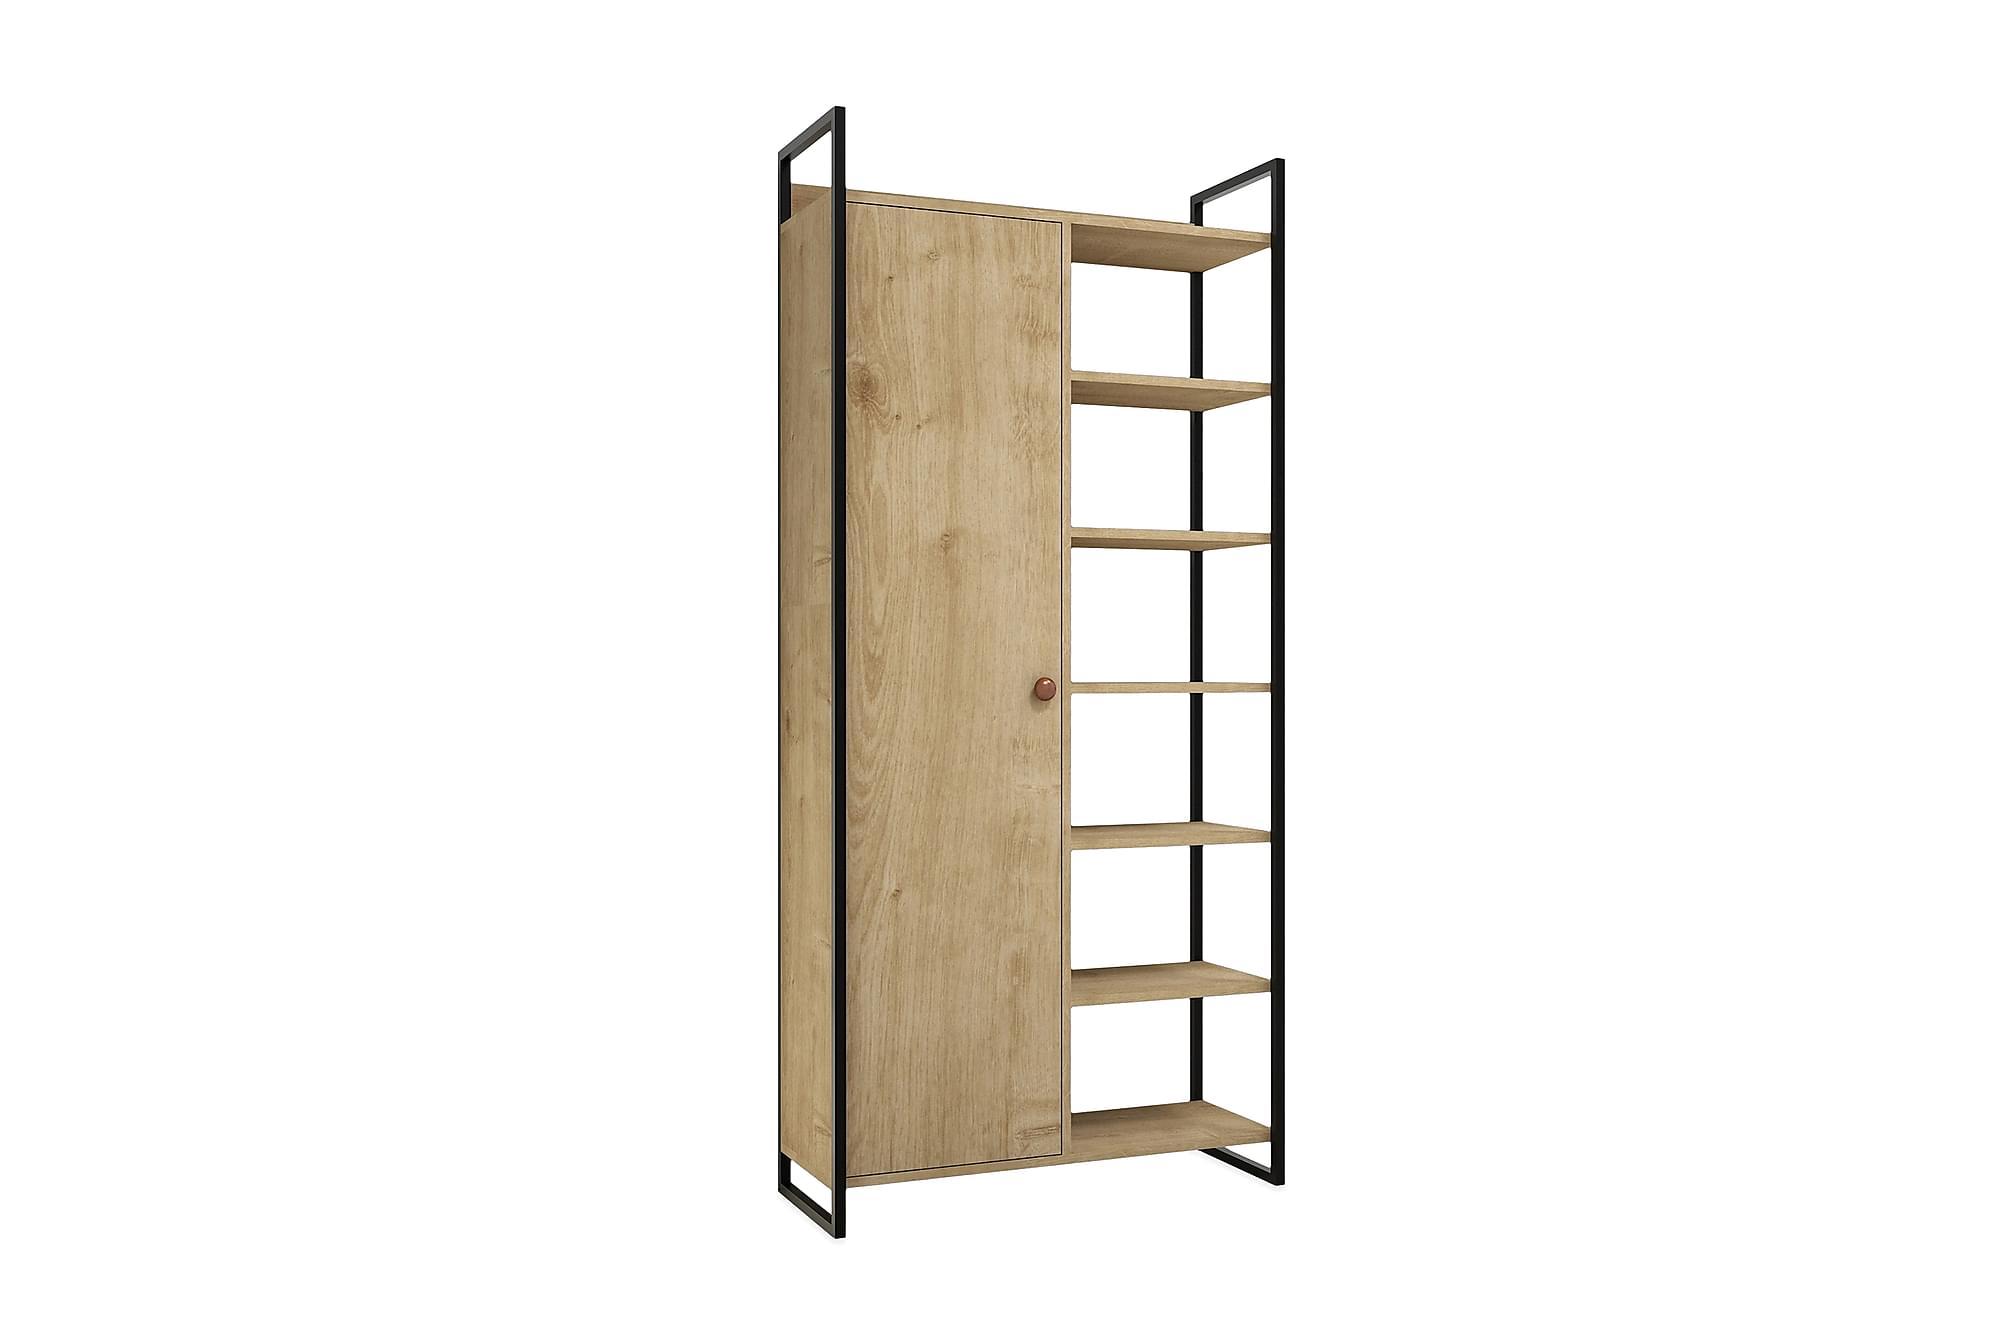 Refugia bokhylla med dörr svart/trä